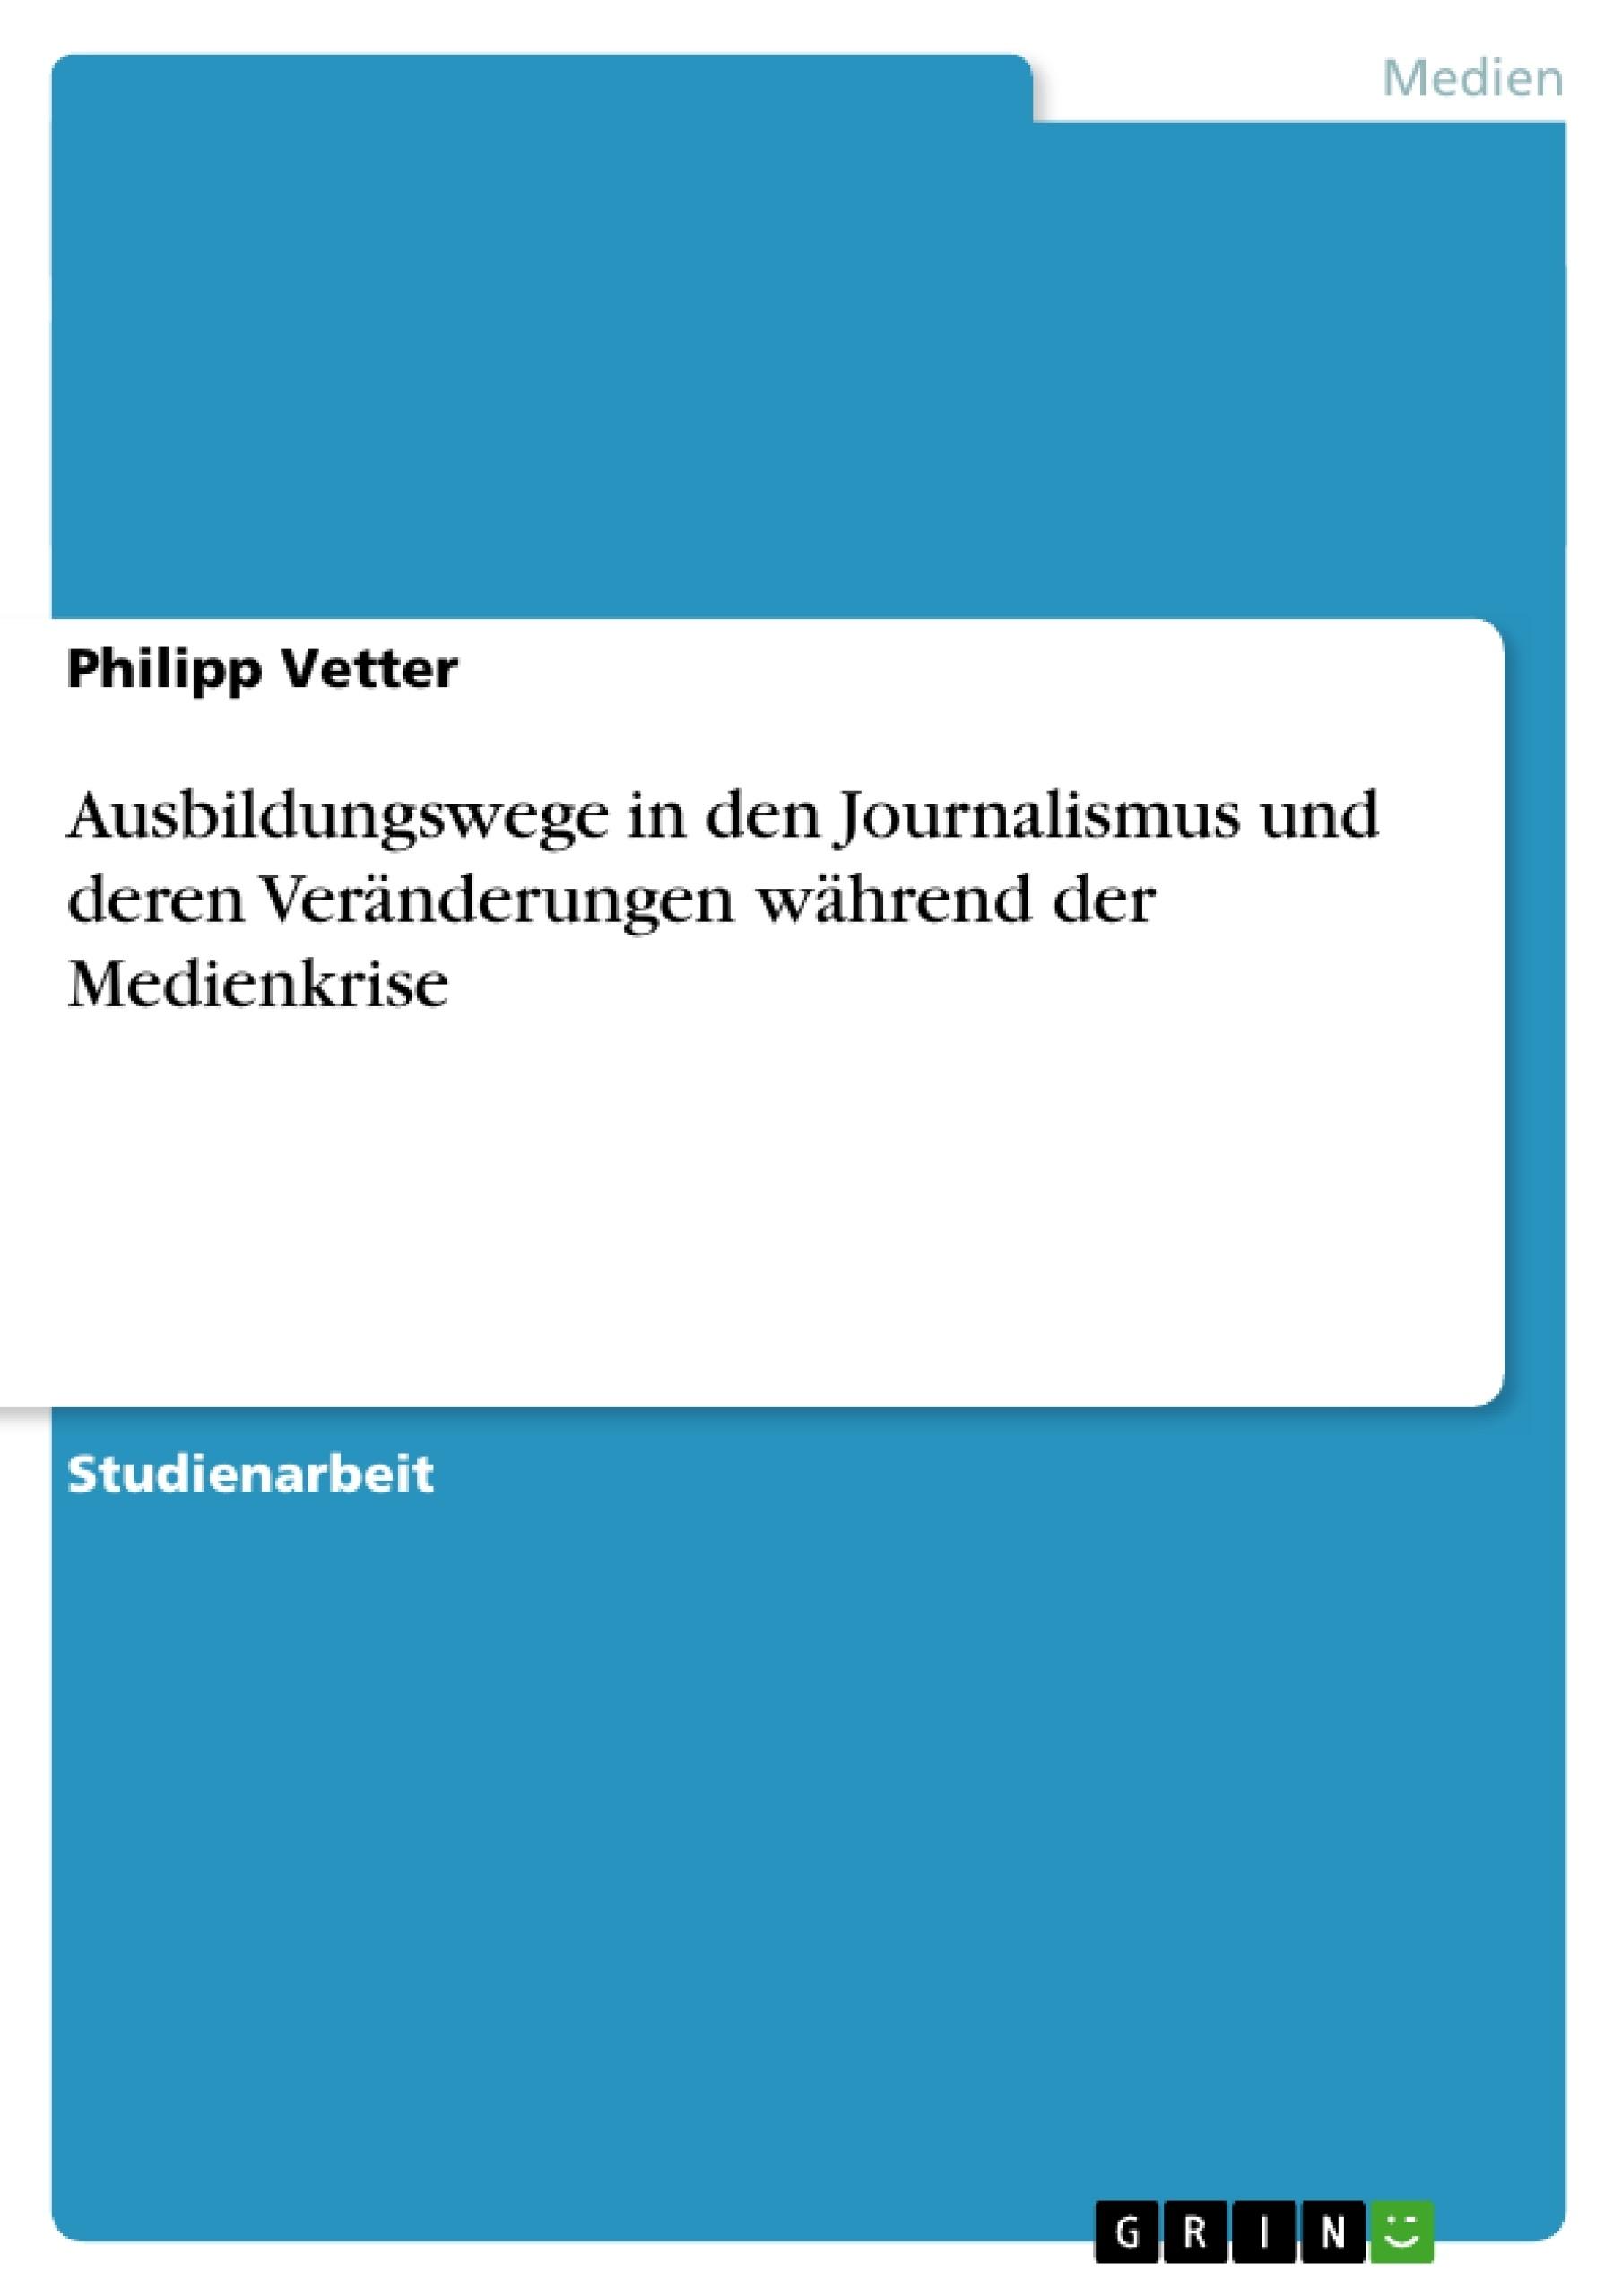 Titel: Ausbildungswege in den Journalismus und deren Veränderungen während der Medienkrise